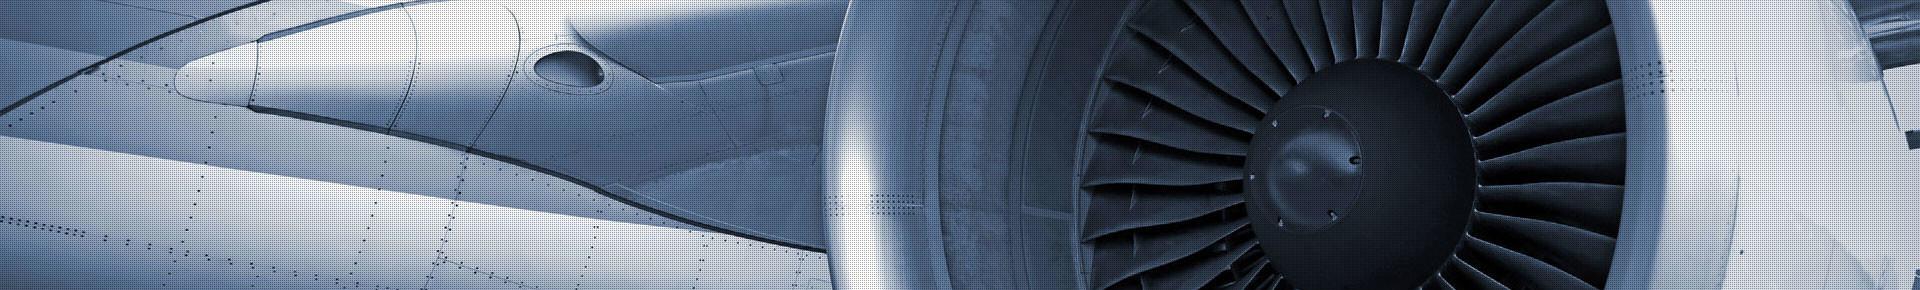 turbina-dots